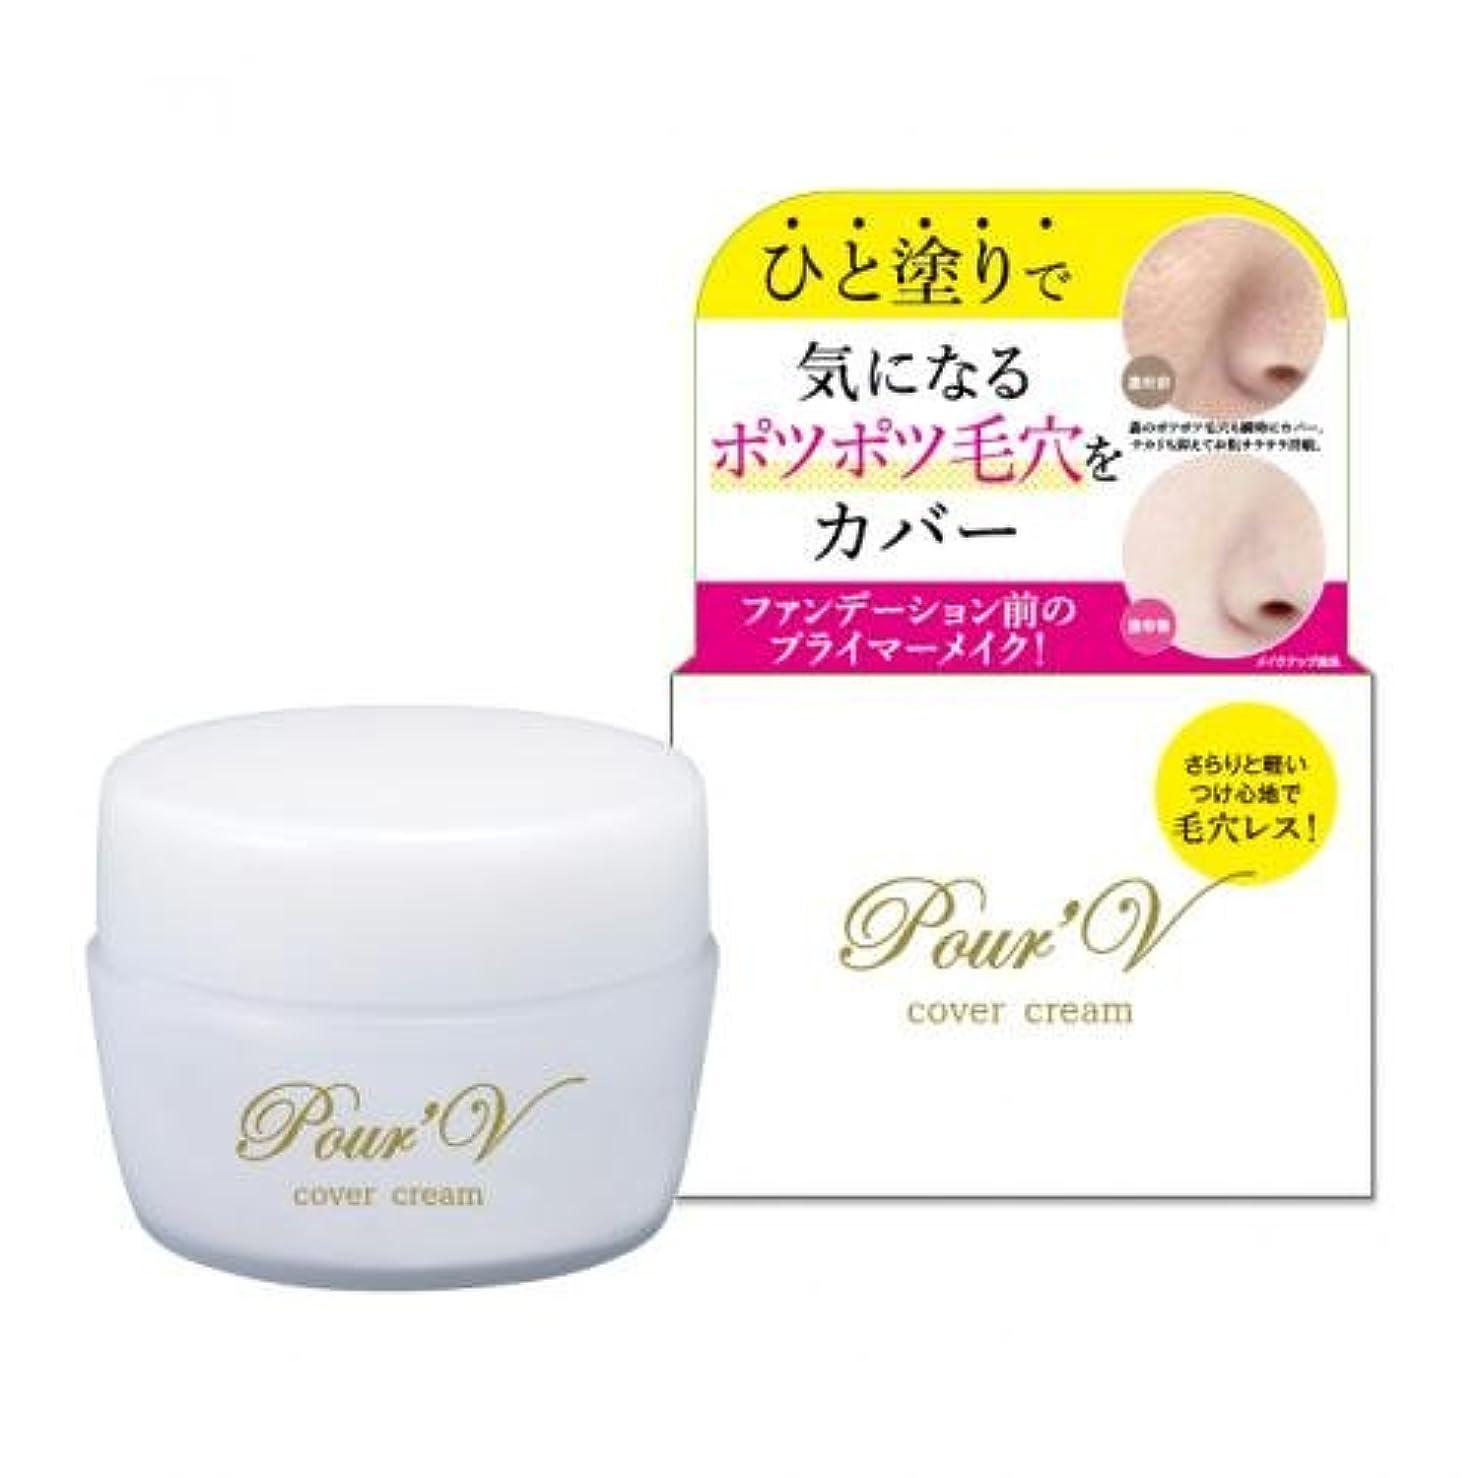 ショート焼くペフPour'V プレヴ cover cream